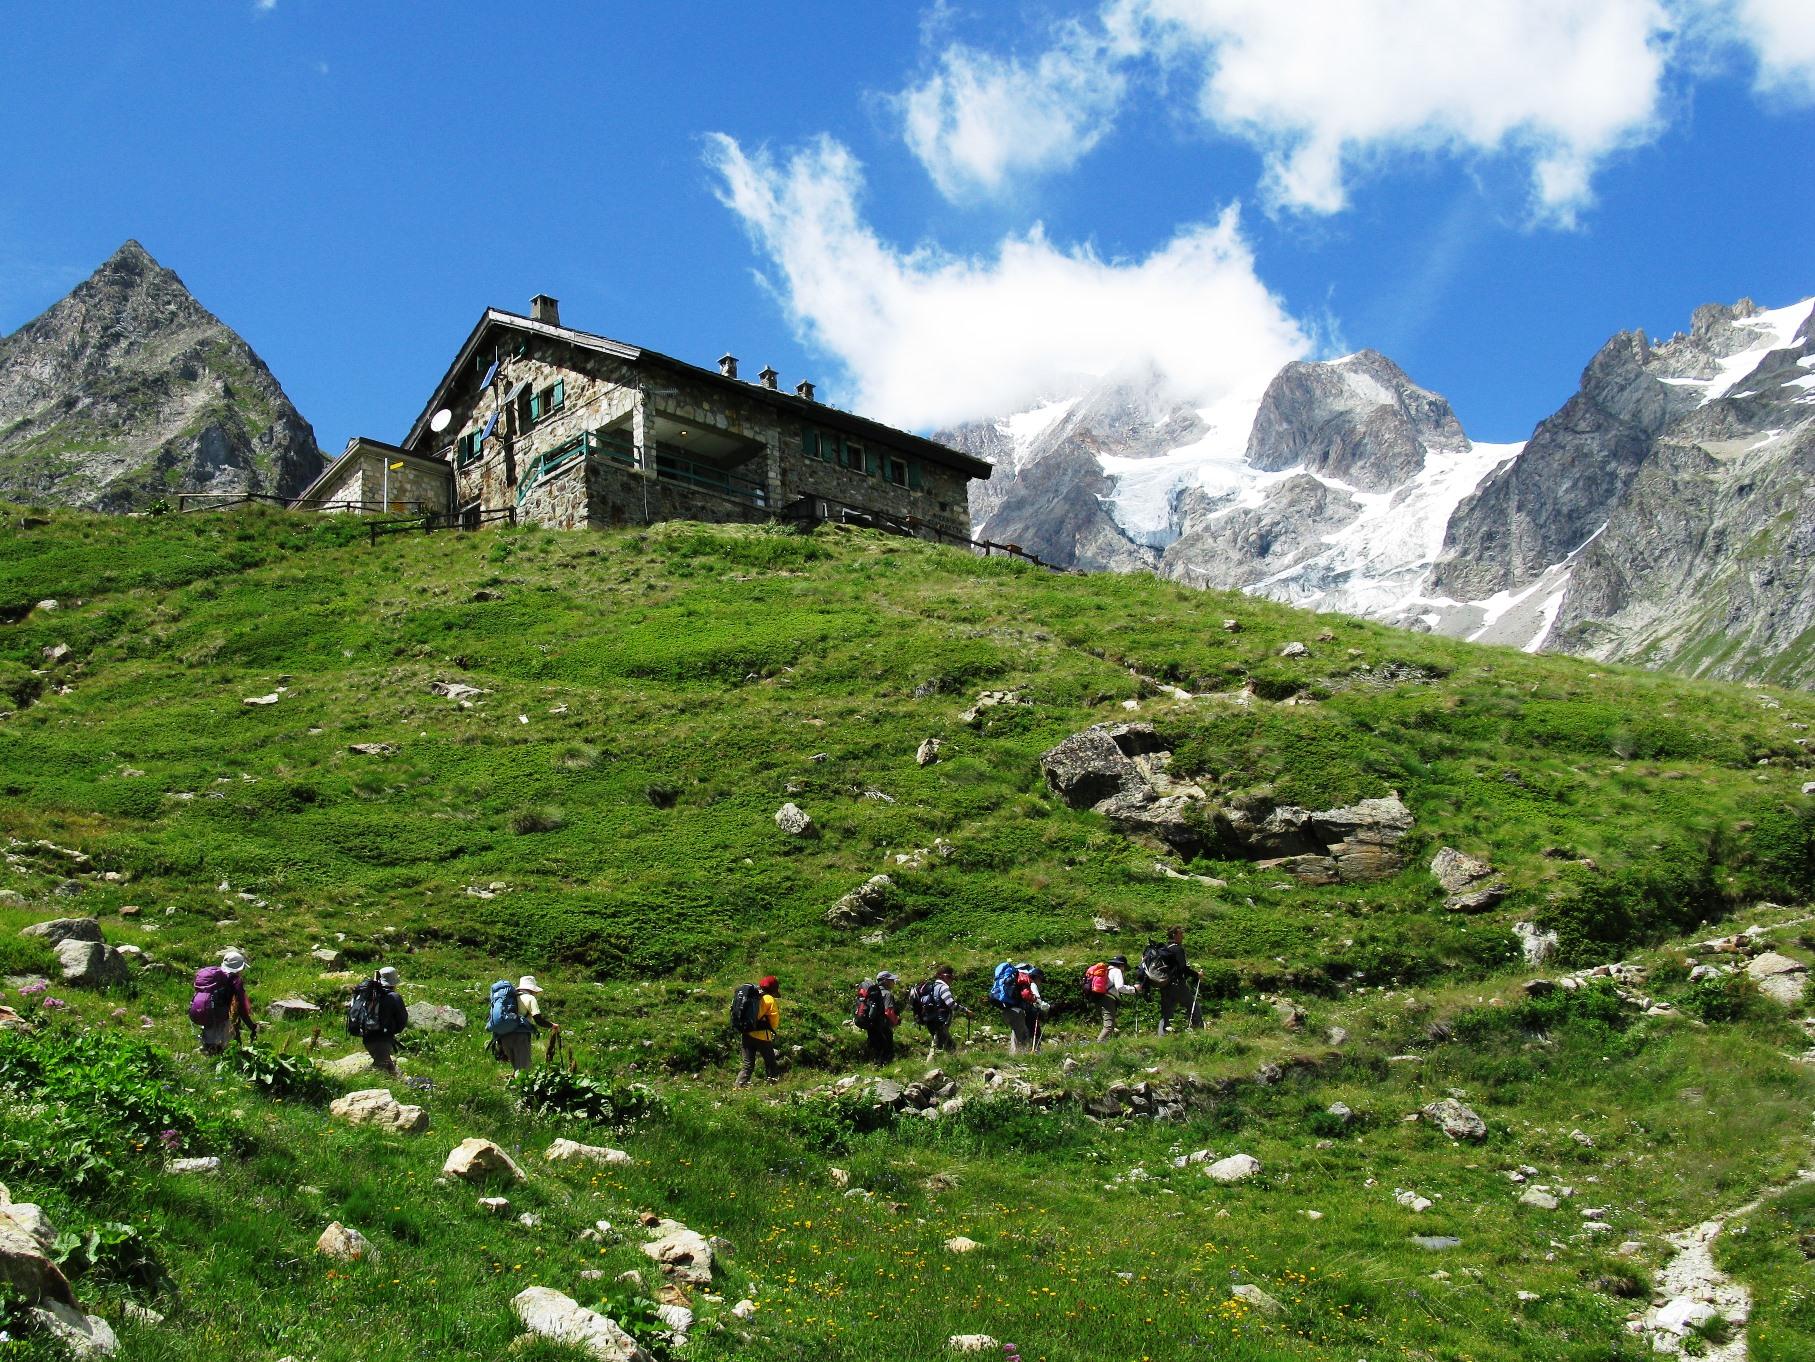 トレラテート針峰と氷河をすぐ背後に抱 える素晴らしいロケーションに建つ山小屋。 イタリアだけあって食事もおいしいと好評。